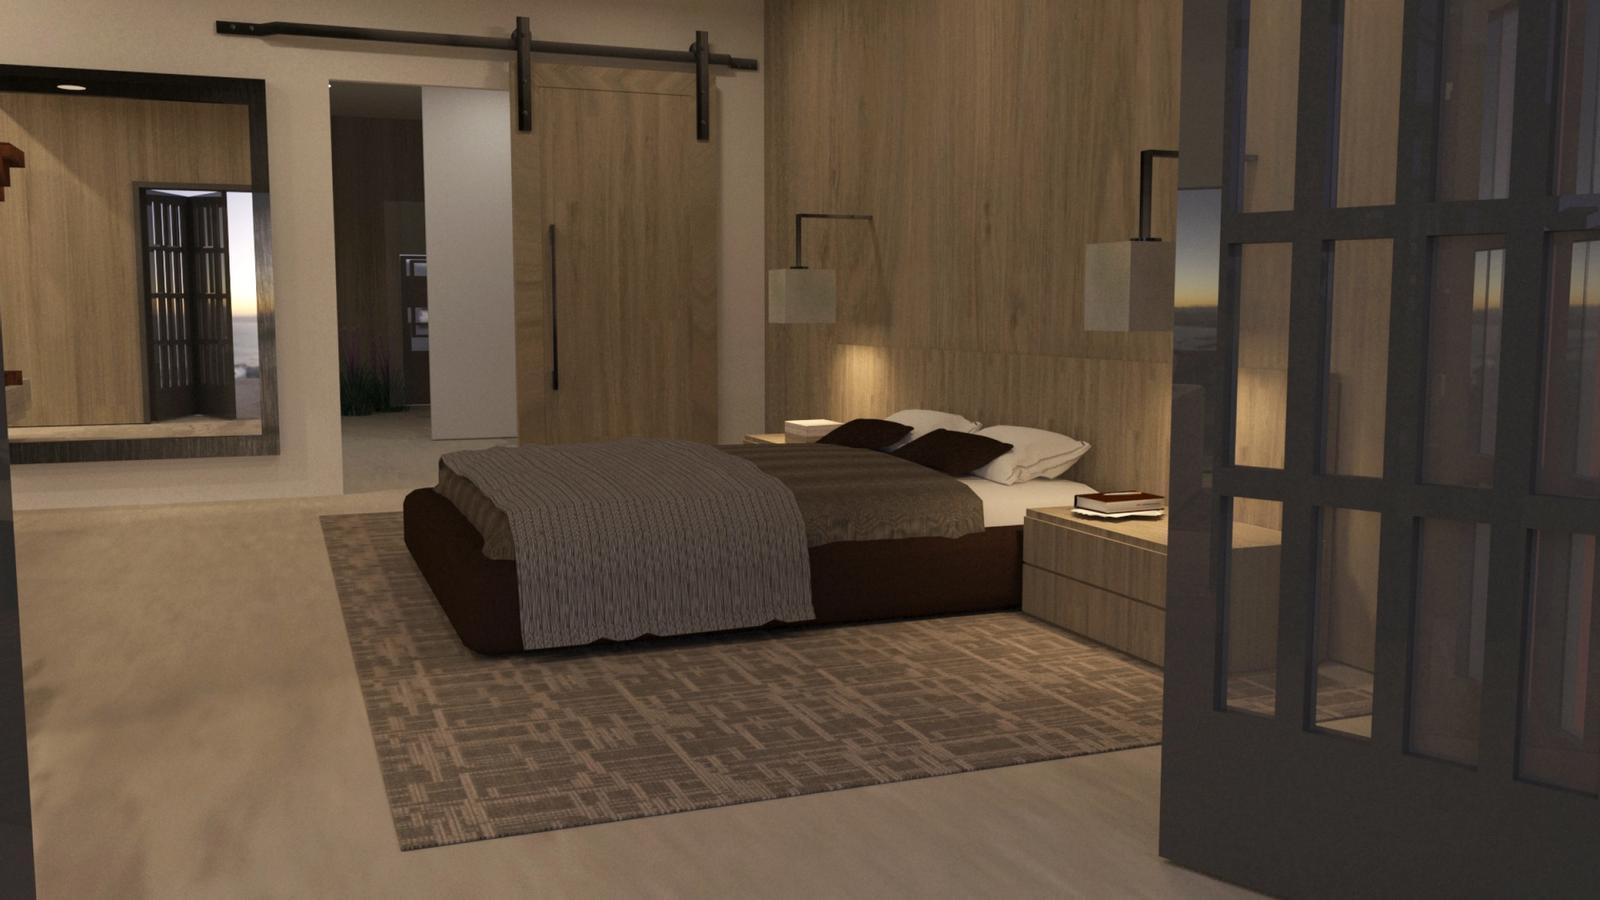 Artist Studio Loft - Bedroom Late Afternoon 1